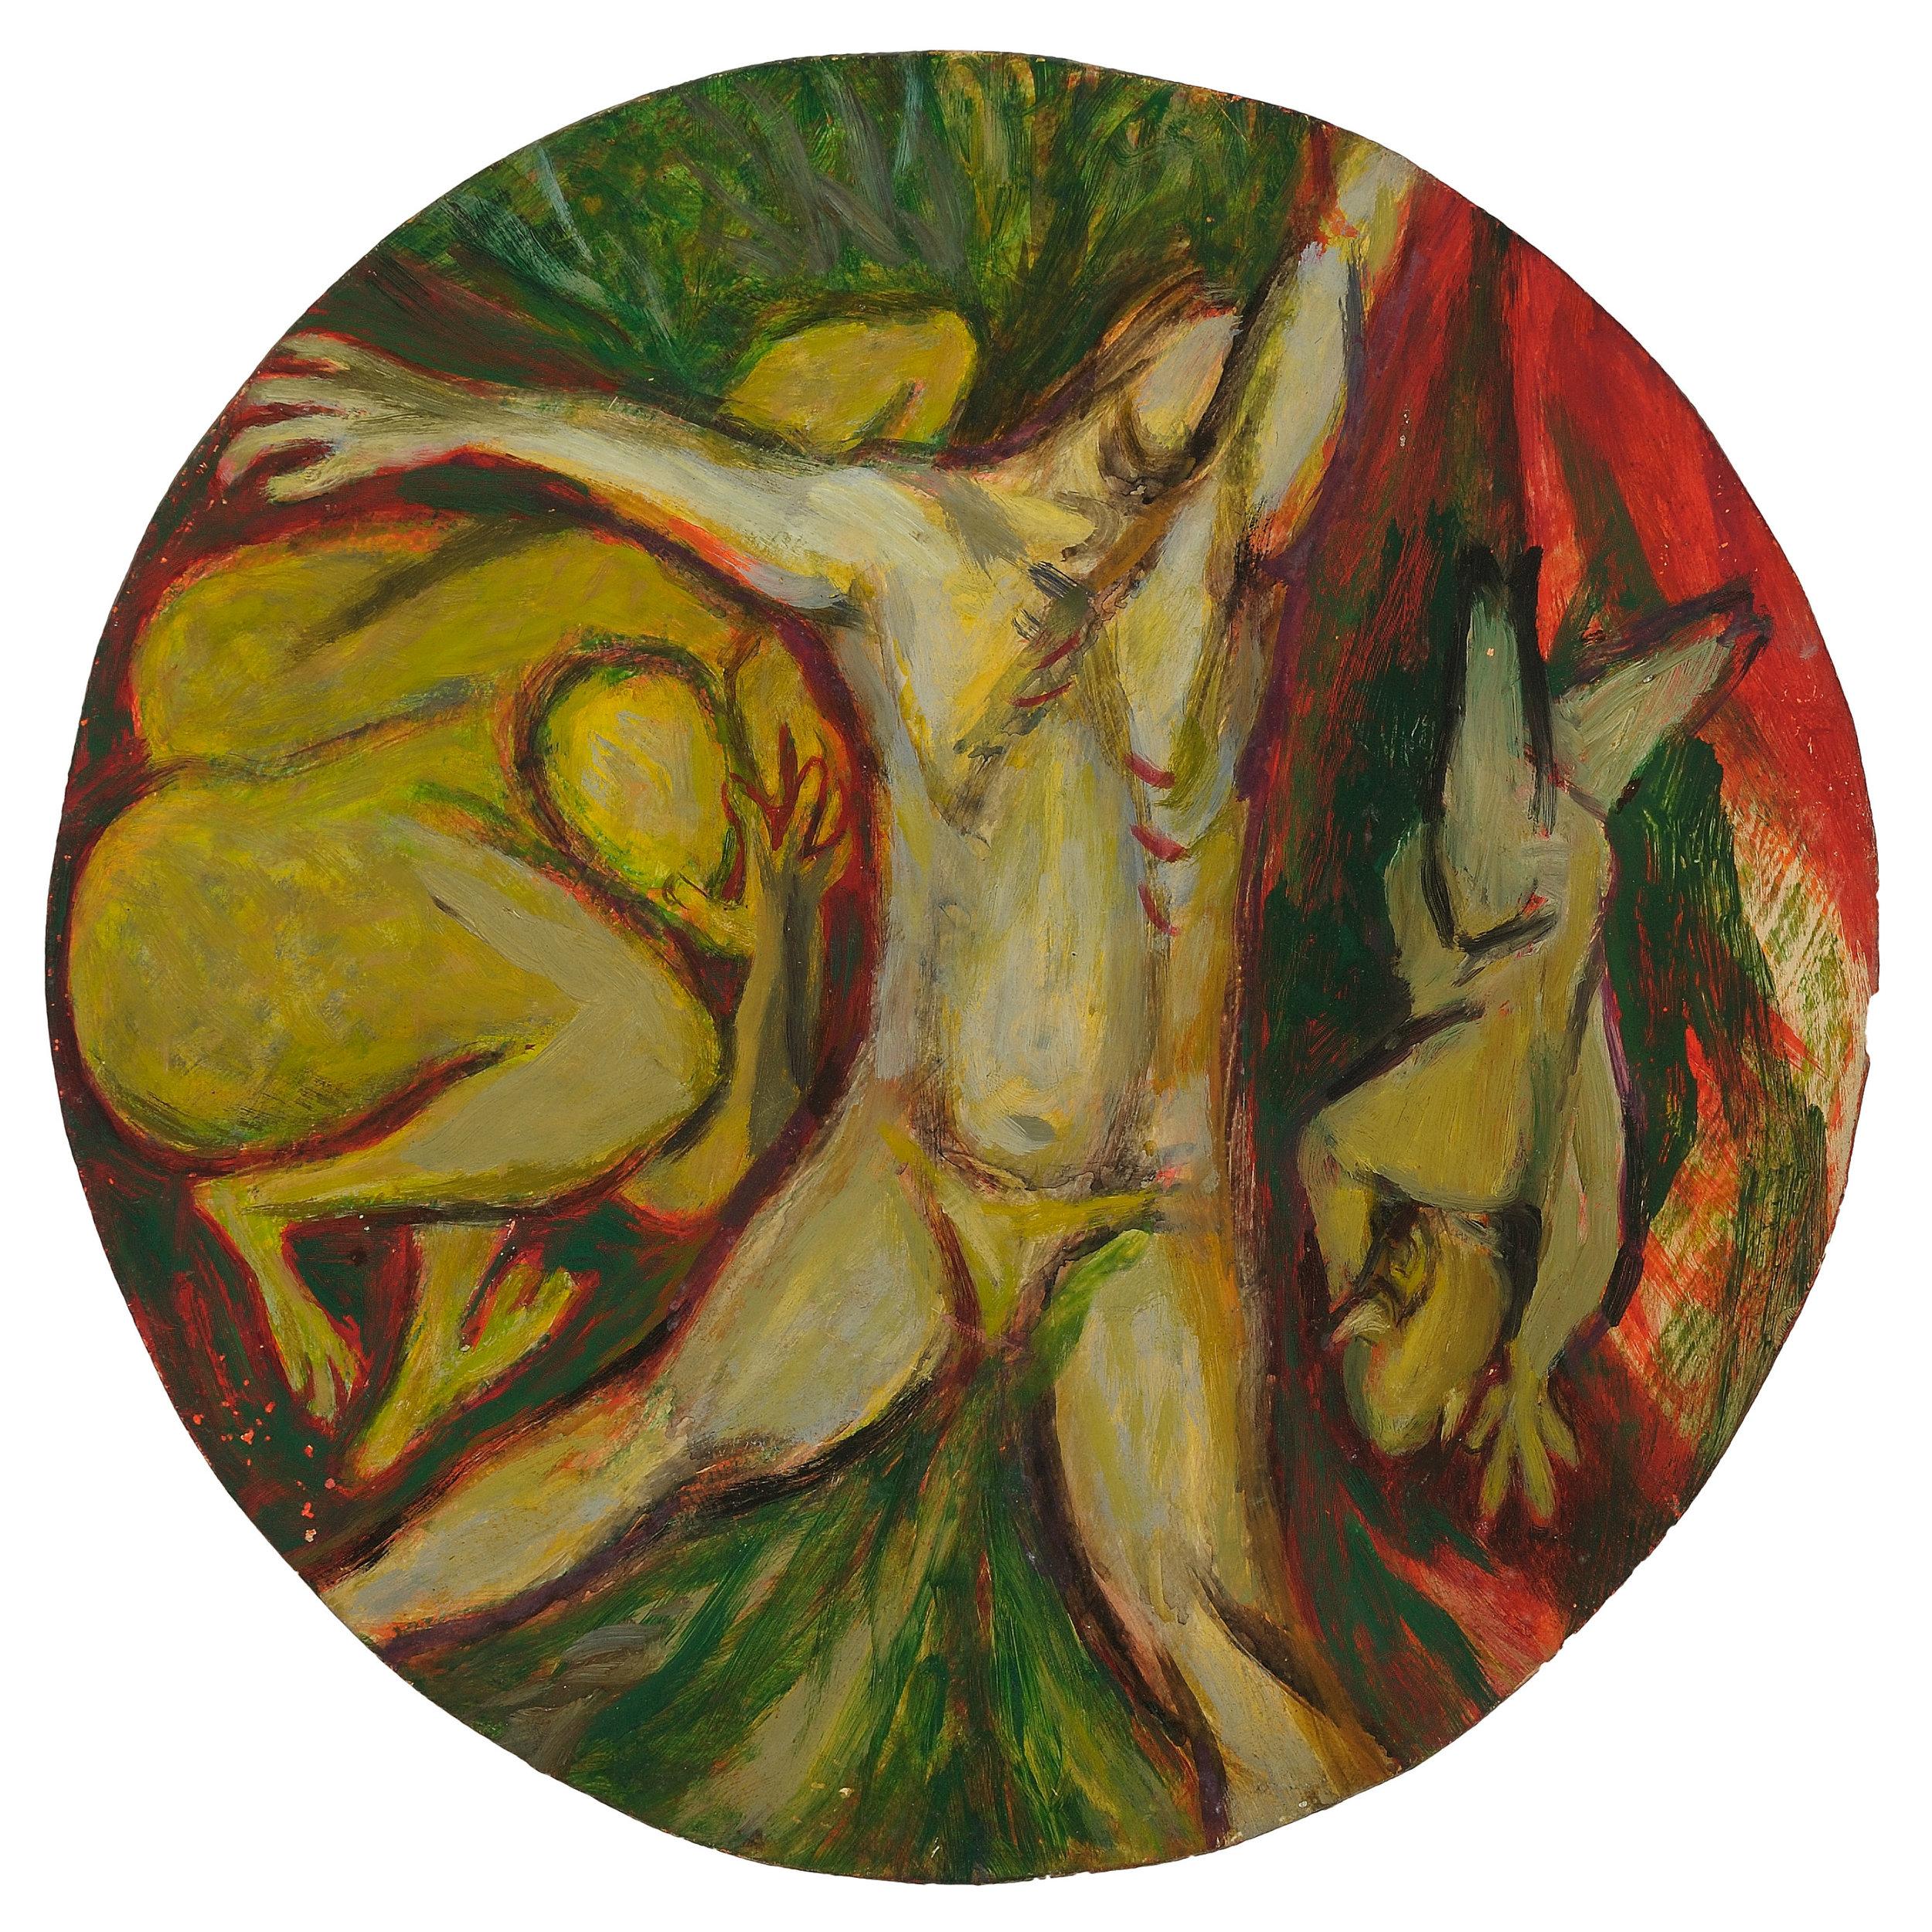 Irving Kriesberg,  Profane Love or the Fall of Man , 1946, oil on Masonite.